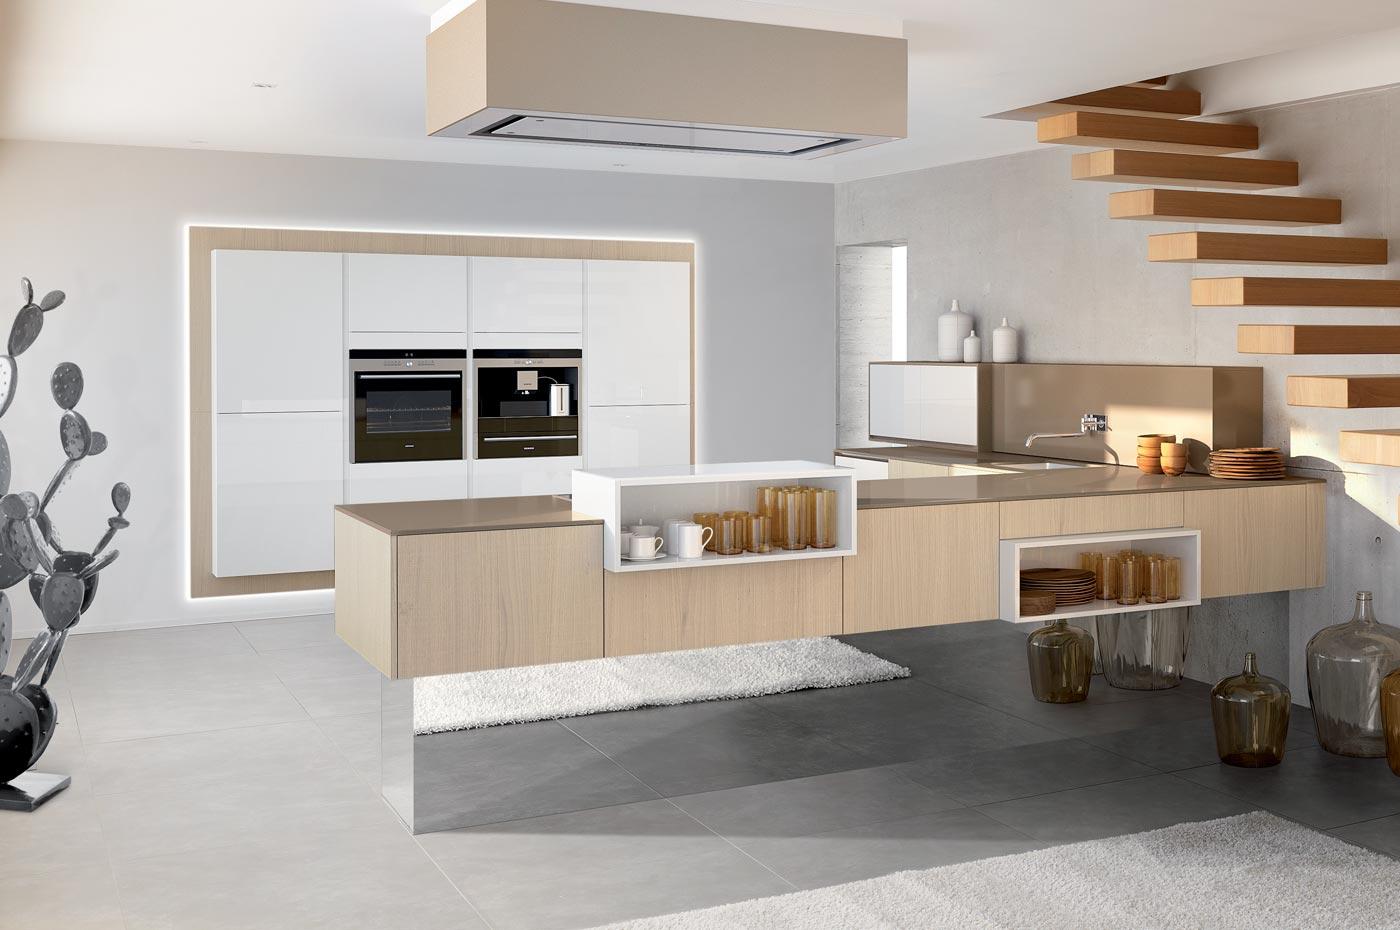 Faure agencement perene lyon cuisines salle de bains for Agencement de cuisine getaz romang